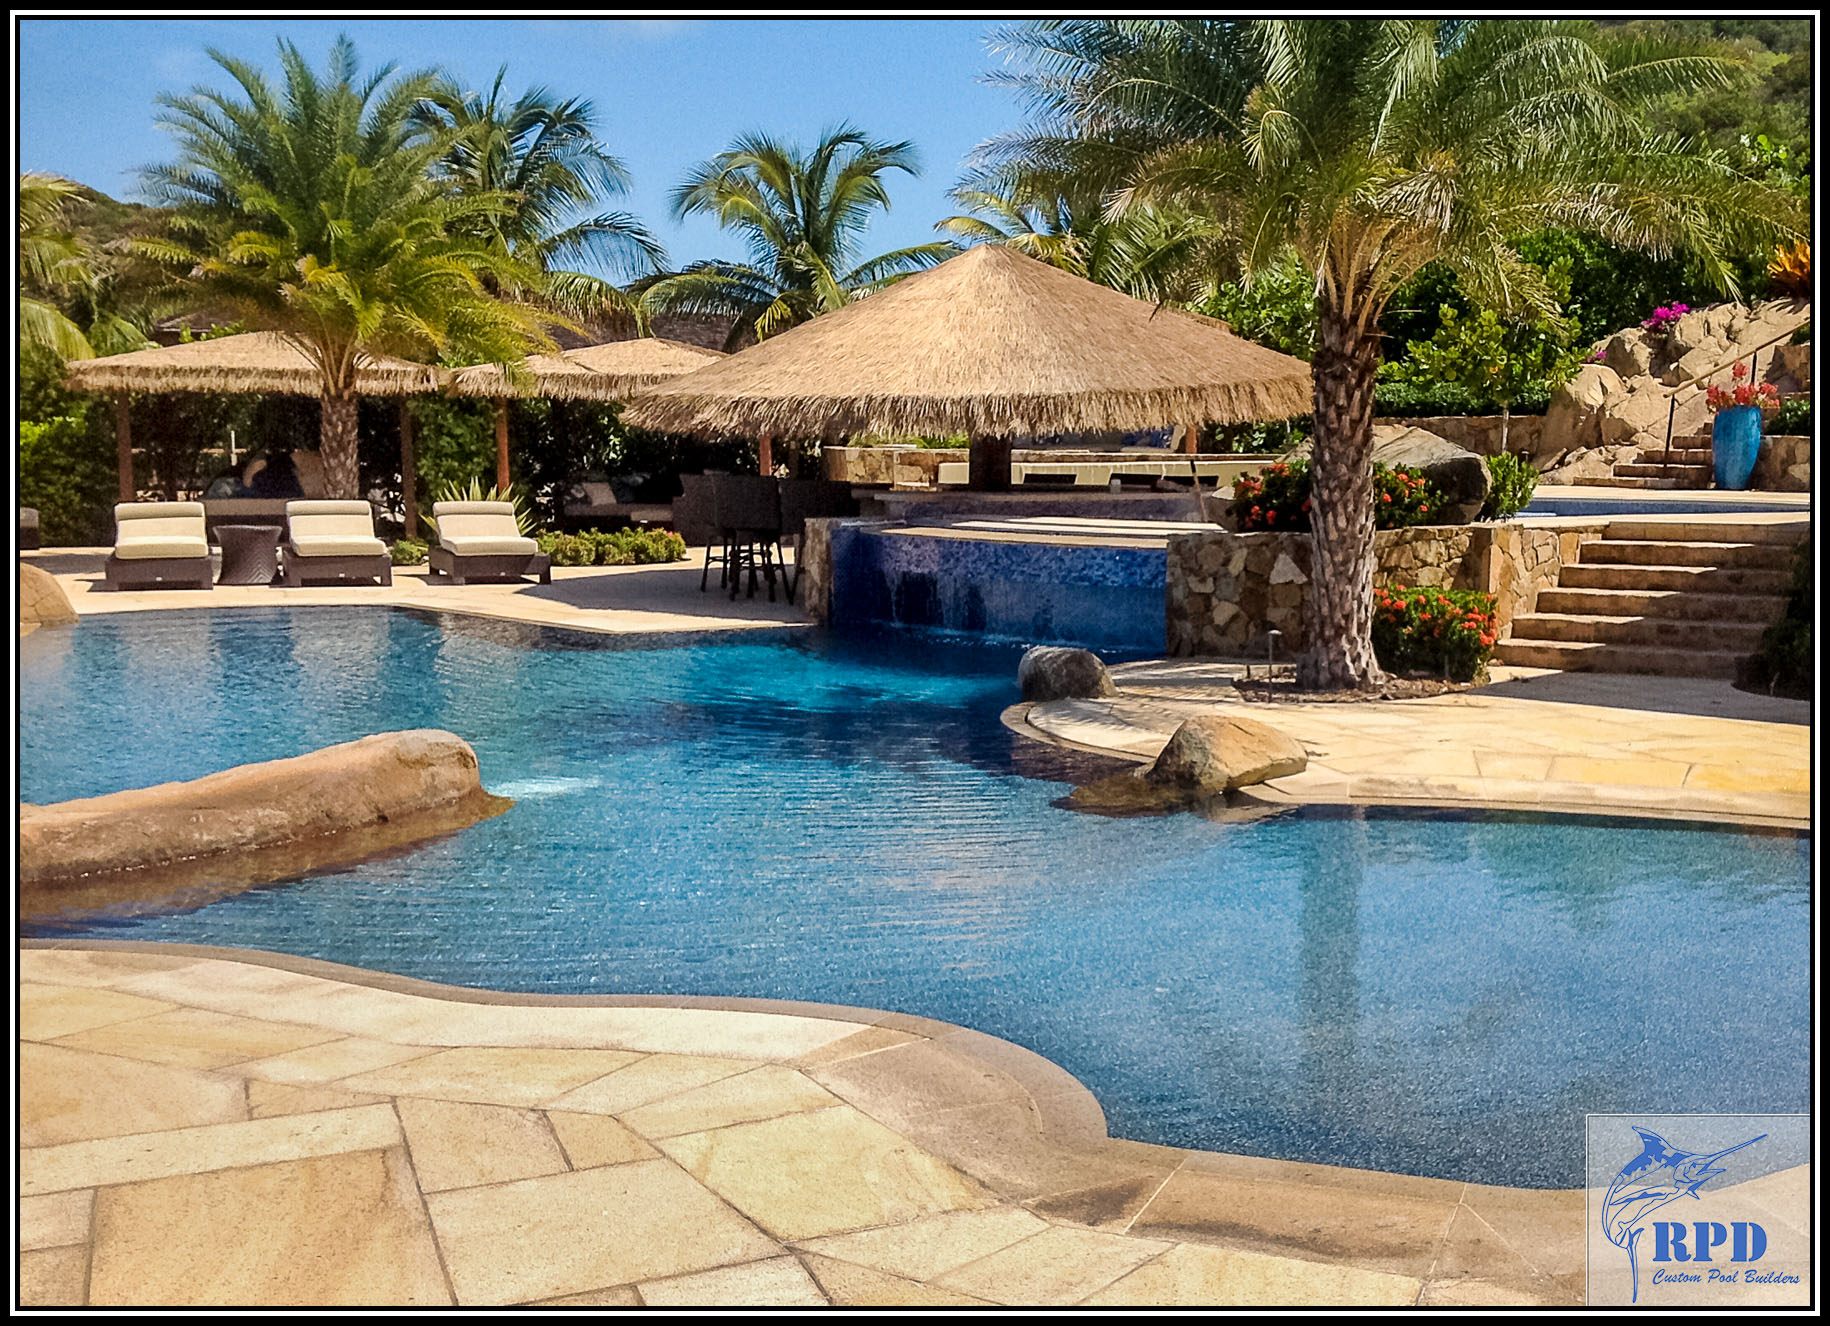 03-©RPD-Virgin-Islands-Resort-Swimming-Pool.jpg